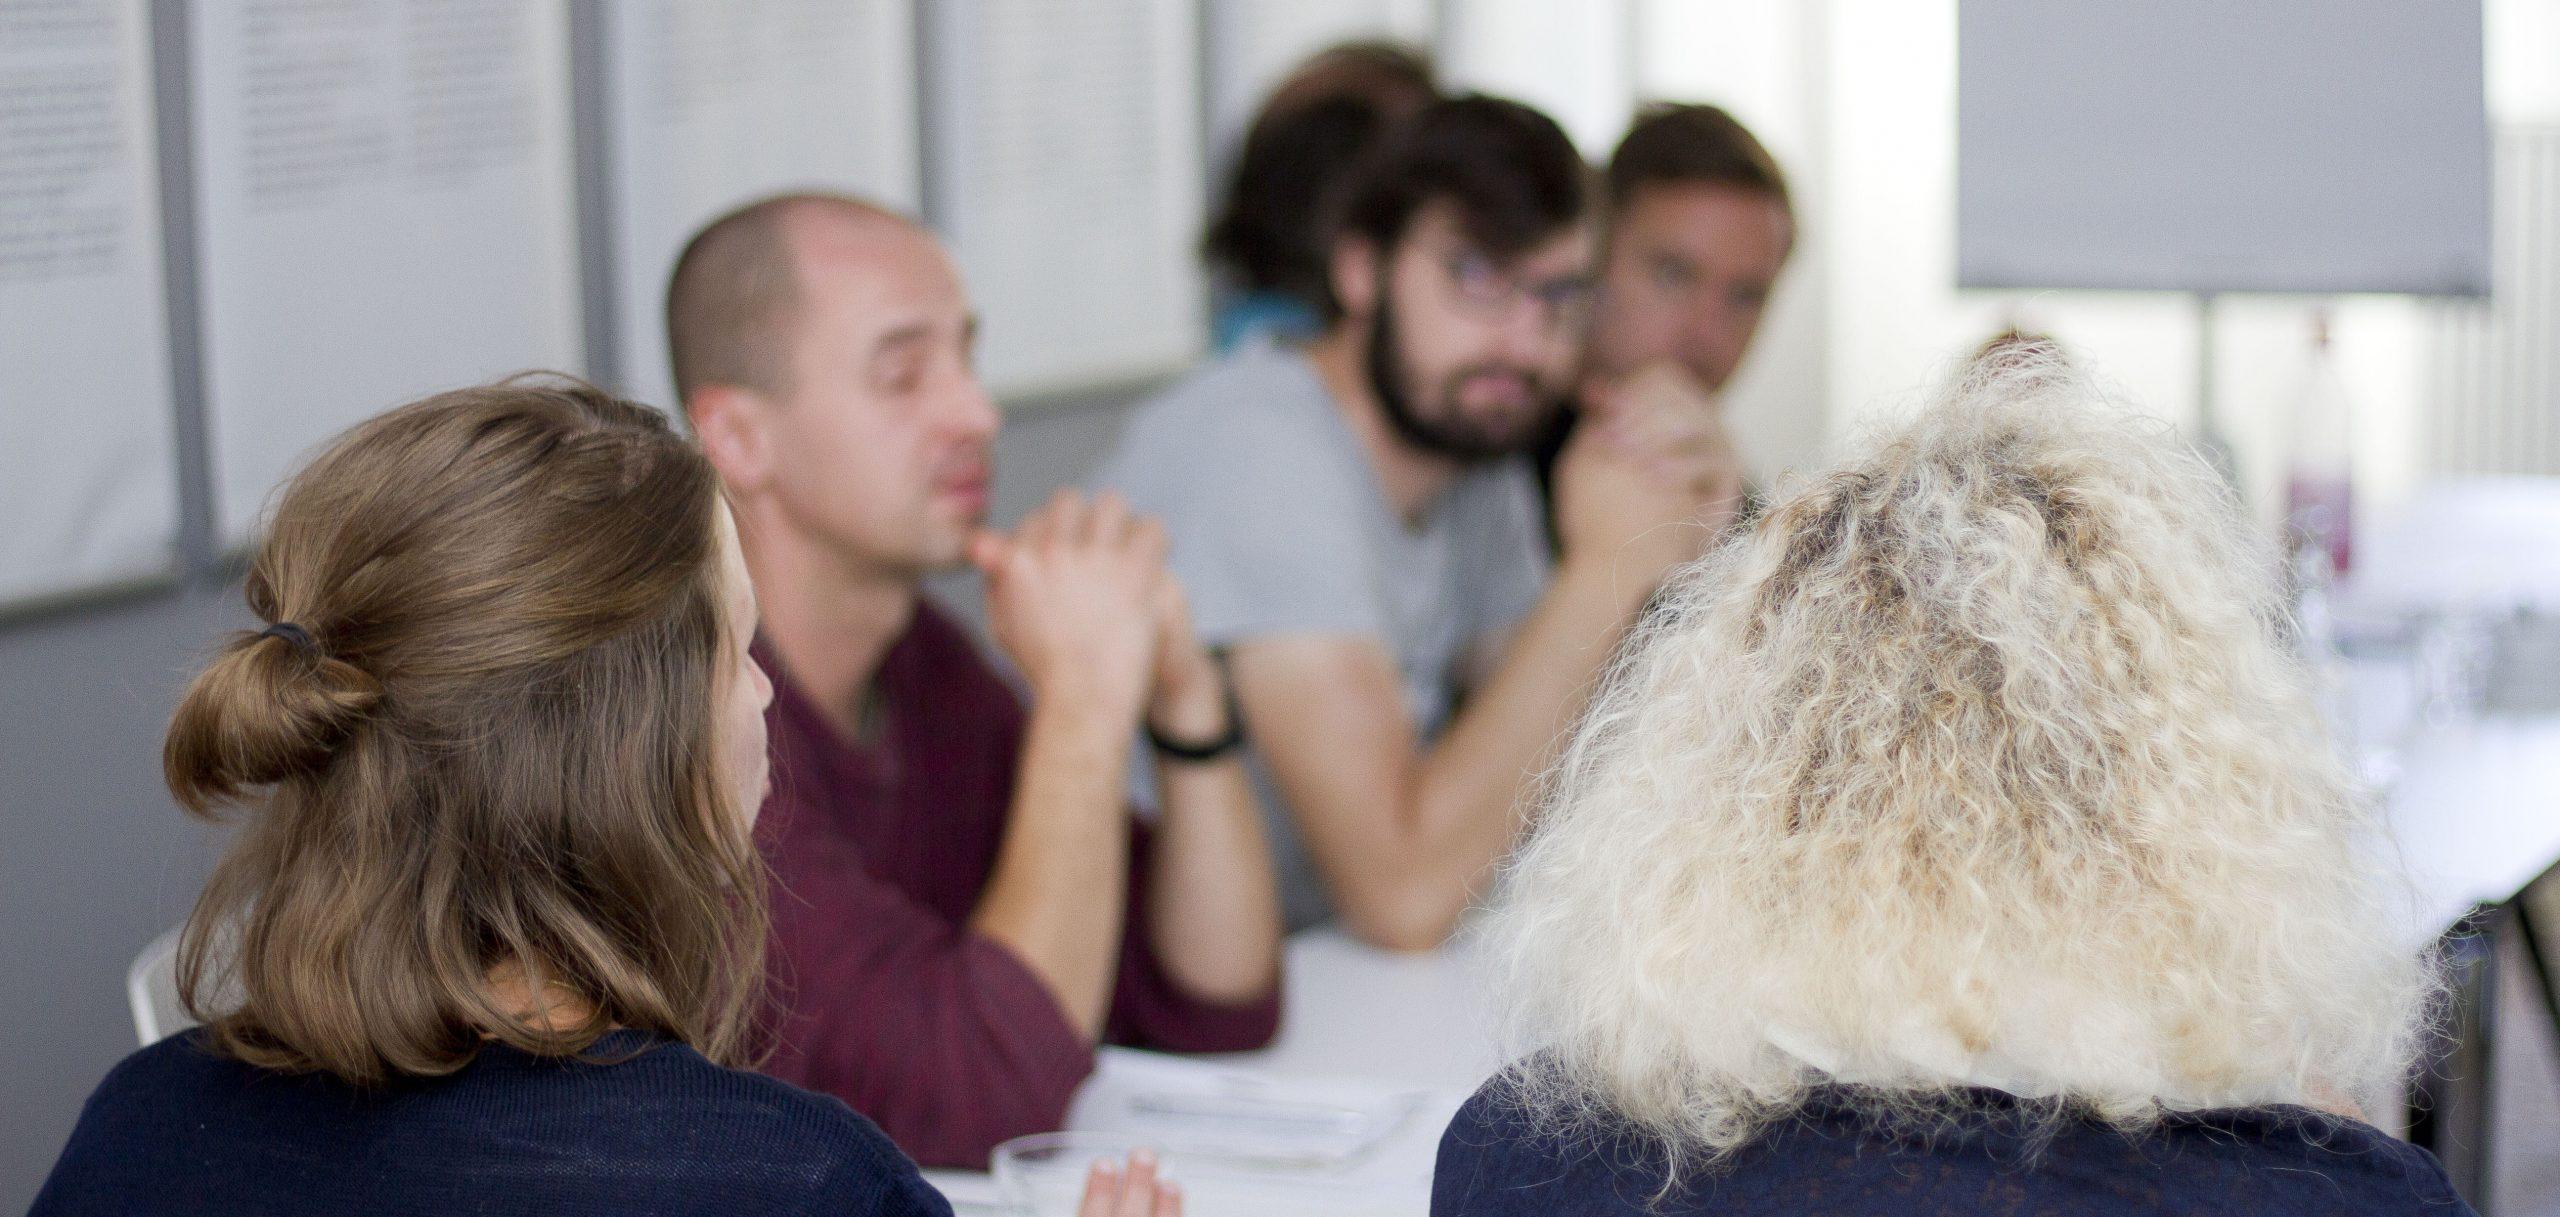 Verschiedene Menschen während eines Workshops am Tisch sitzend